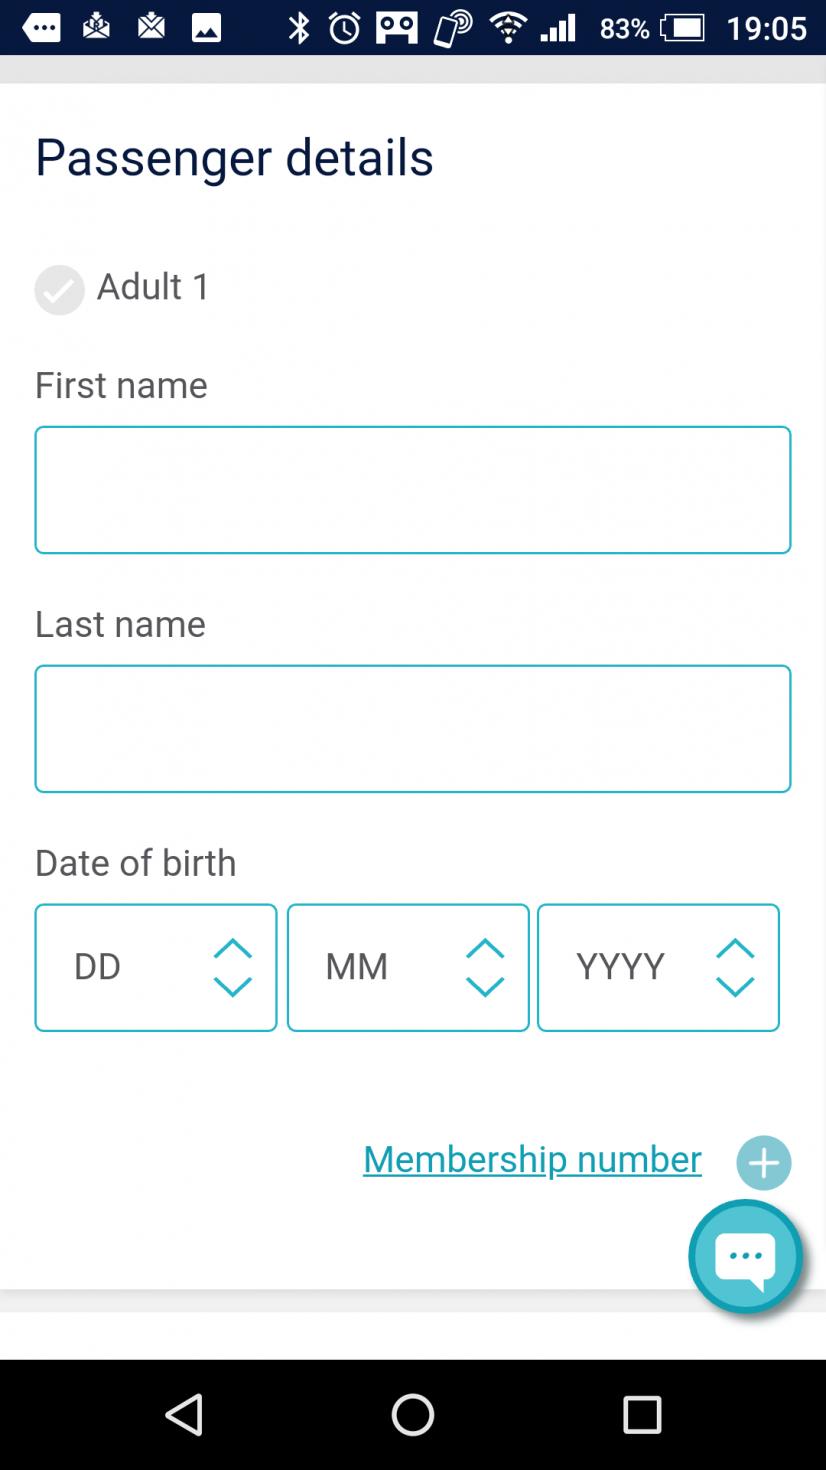 名前と生年月日を入力。国境を越えるときにパスポートチェックがあるので、お間違えなく。